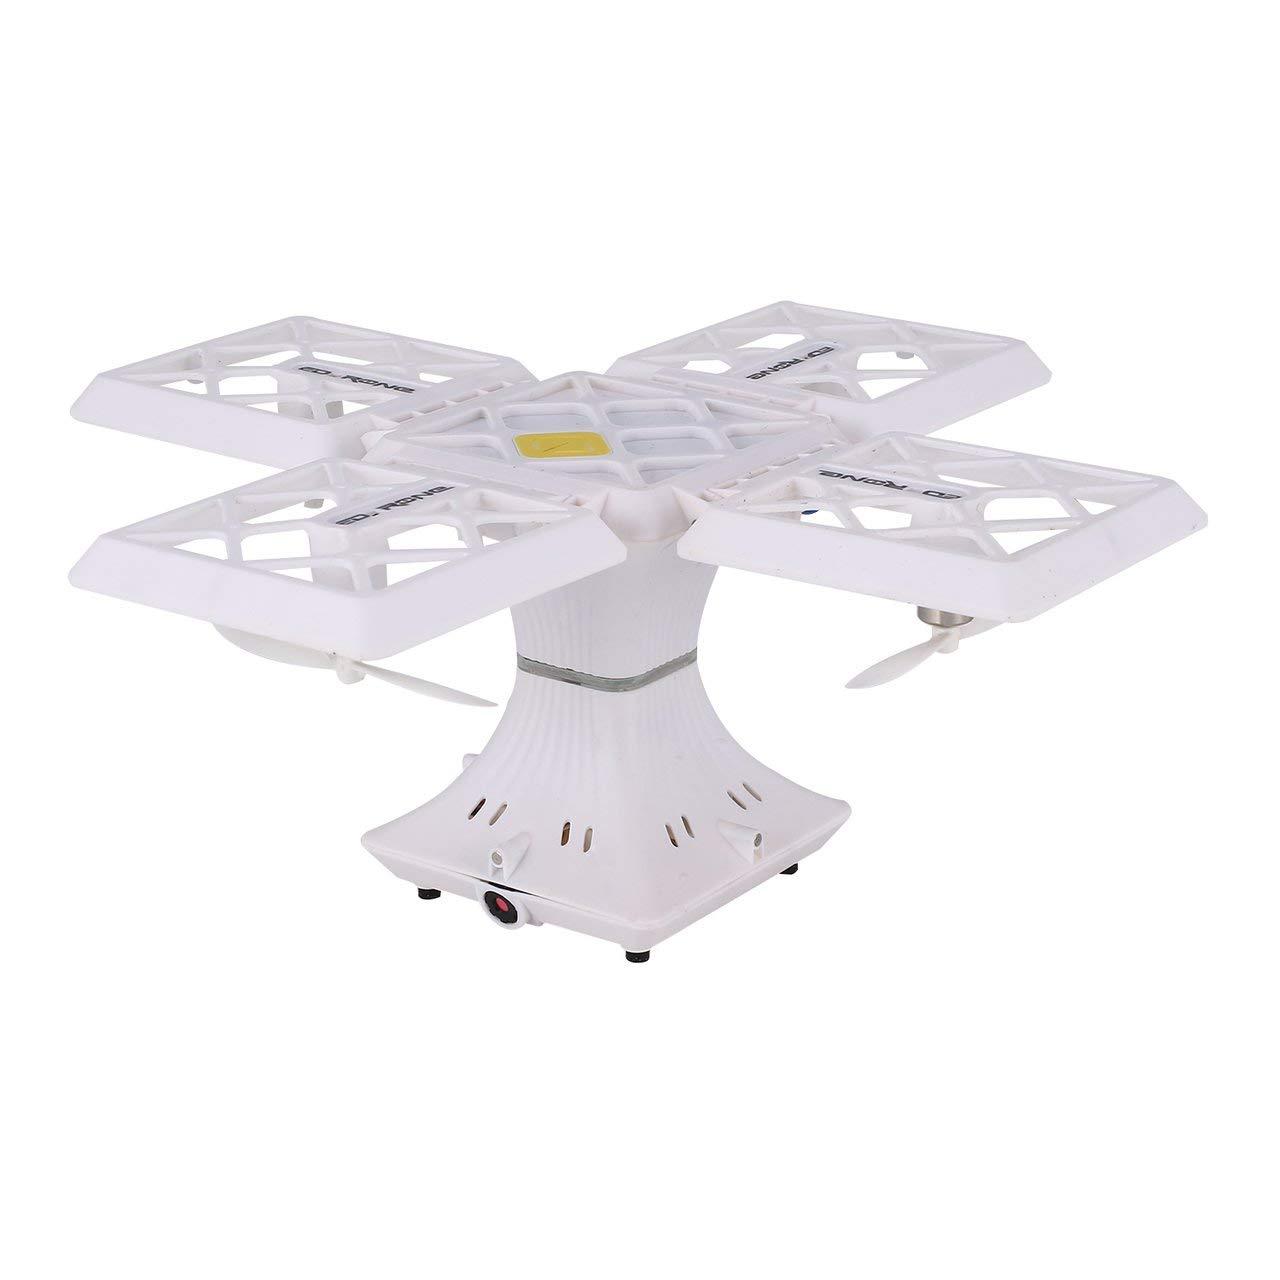 Jasnyfall 414 Selfie FPV Faltbare RC Drone Höhe Halten 720P WiFi Kamera 3D Flips - Weiß